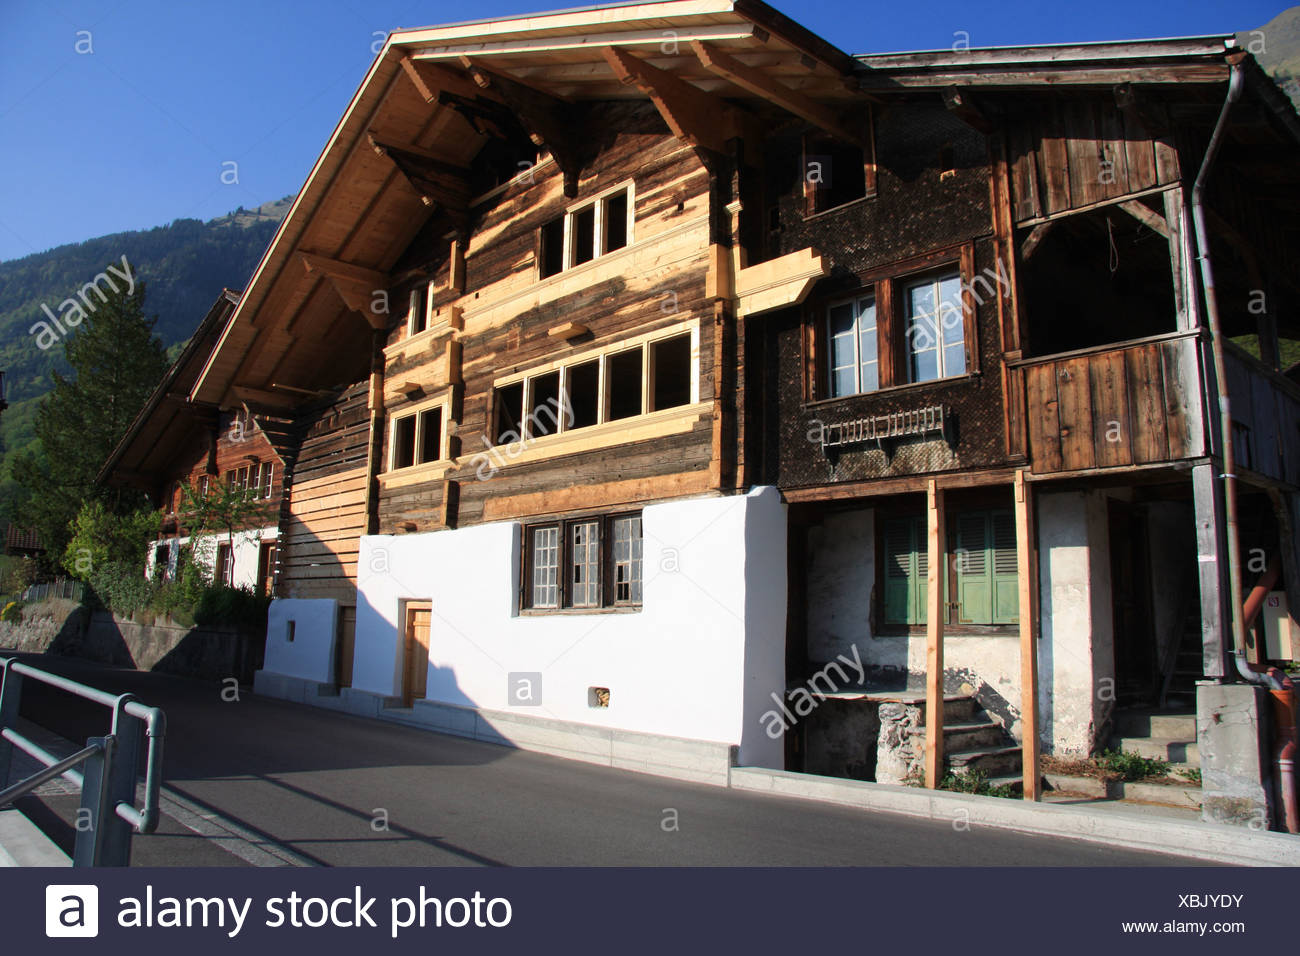 schweiz kanton bern obere schilf bauernhaus holz. Black Bedroom Furniture Sets. Home Design Ideas